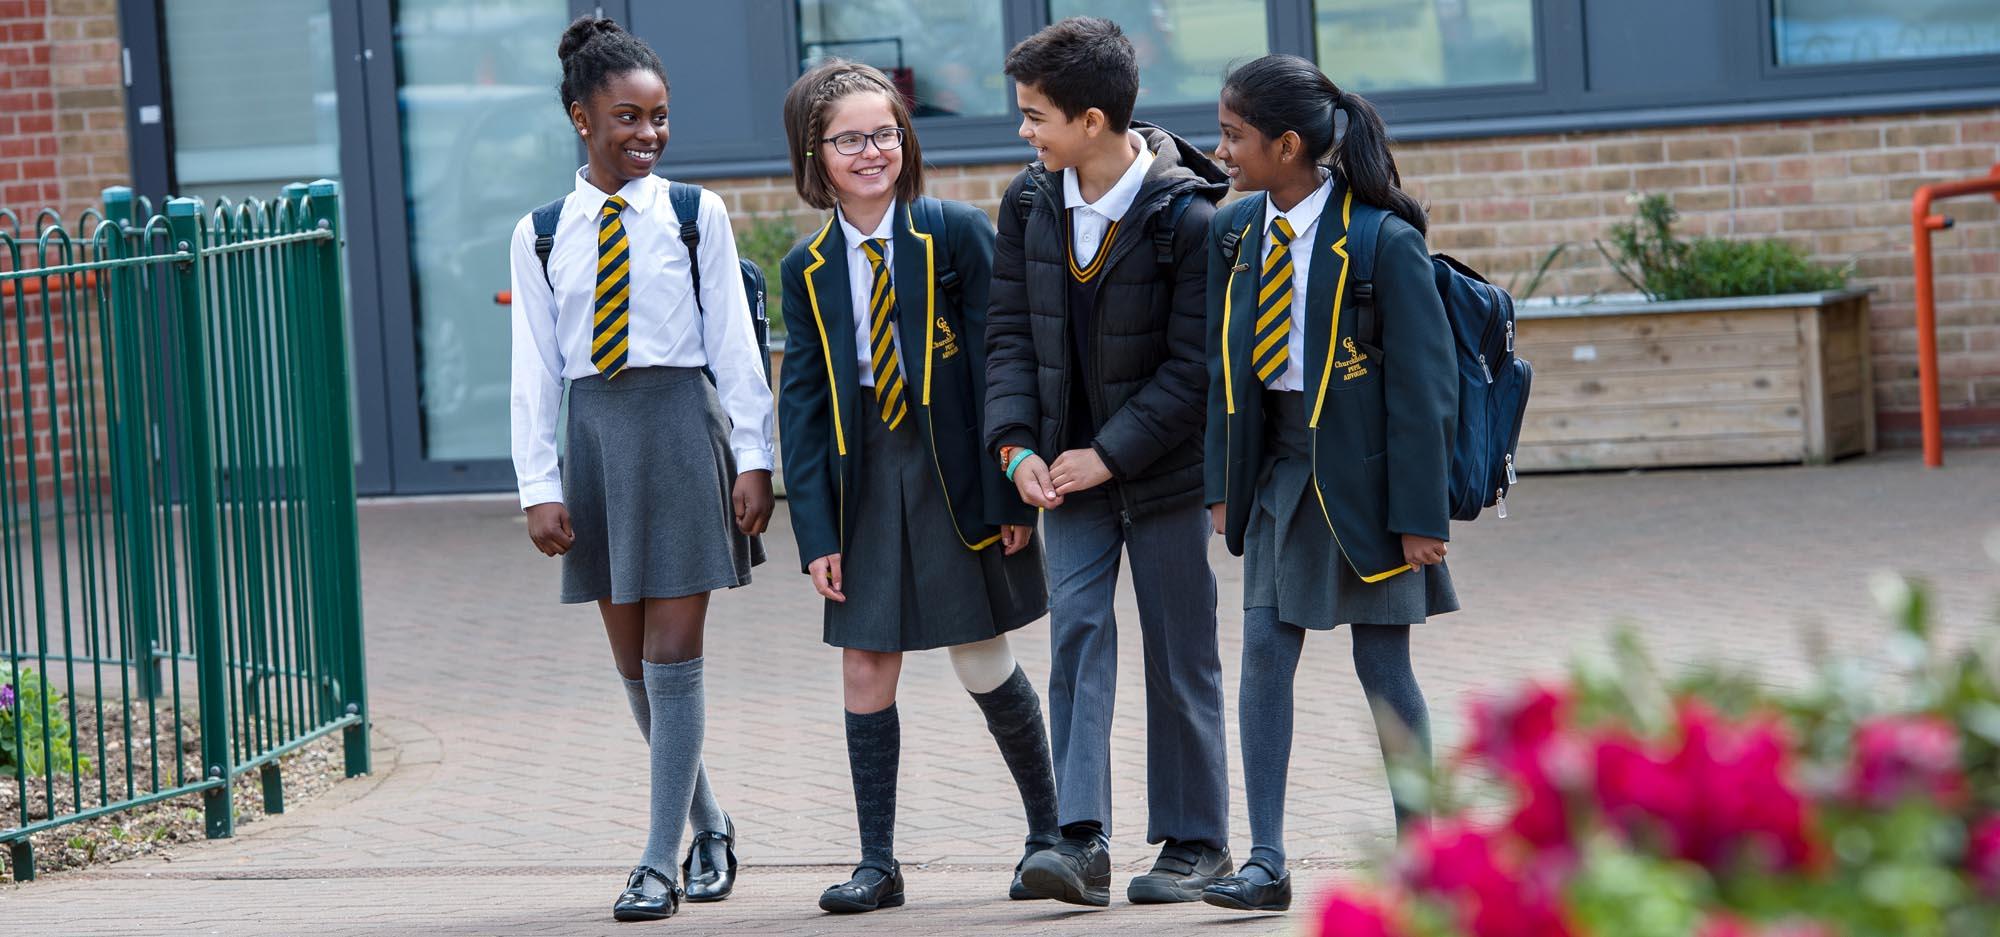 Pupils in uniform walking fro school